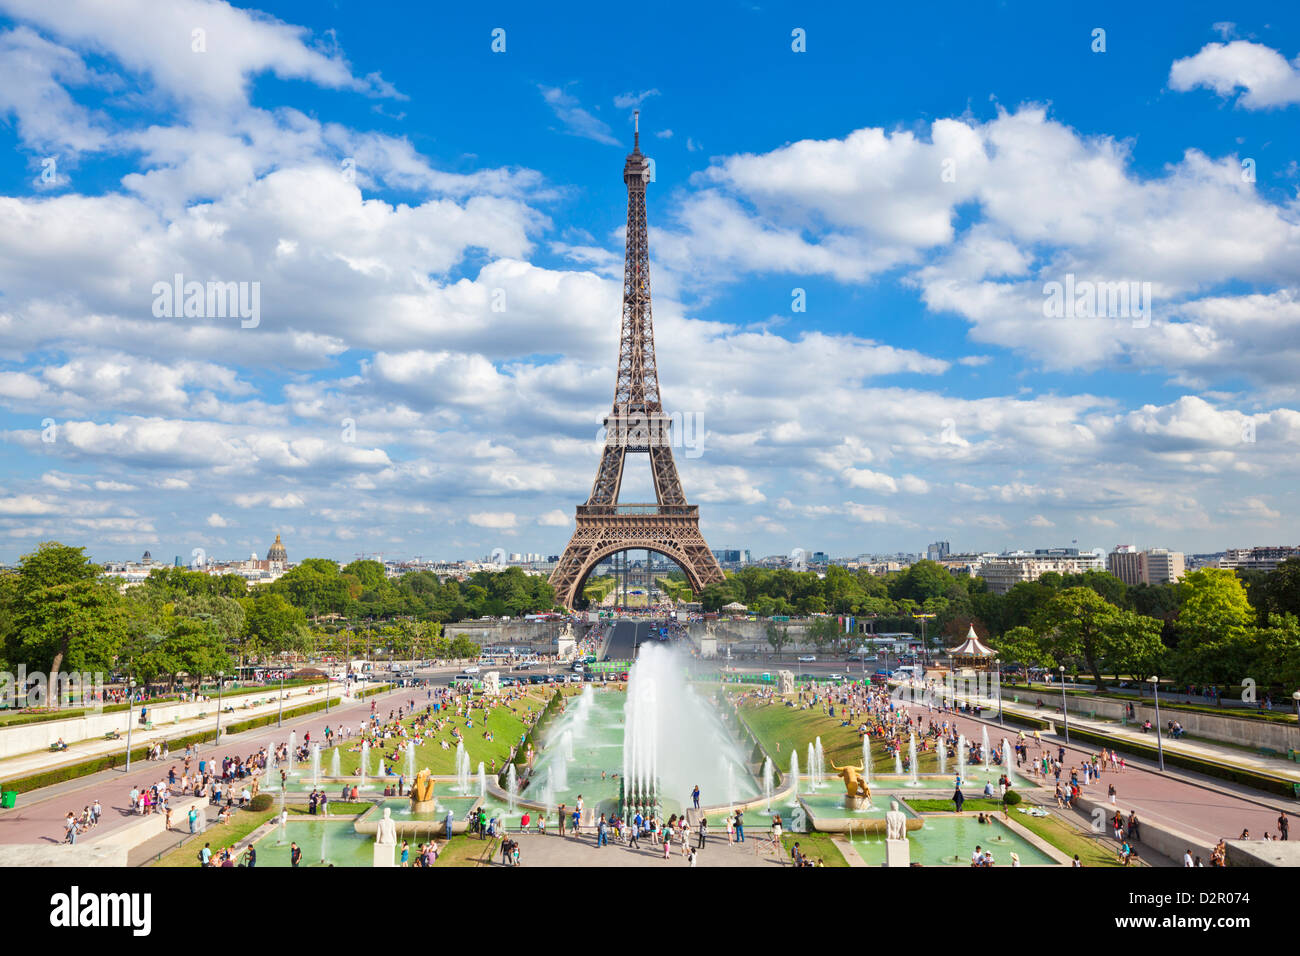 La Torre Eiffel y el Trocadero Fountains, París, Francia, Europa Imagen De Stock